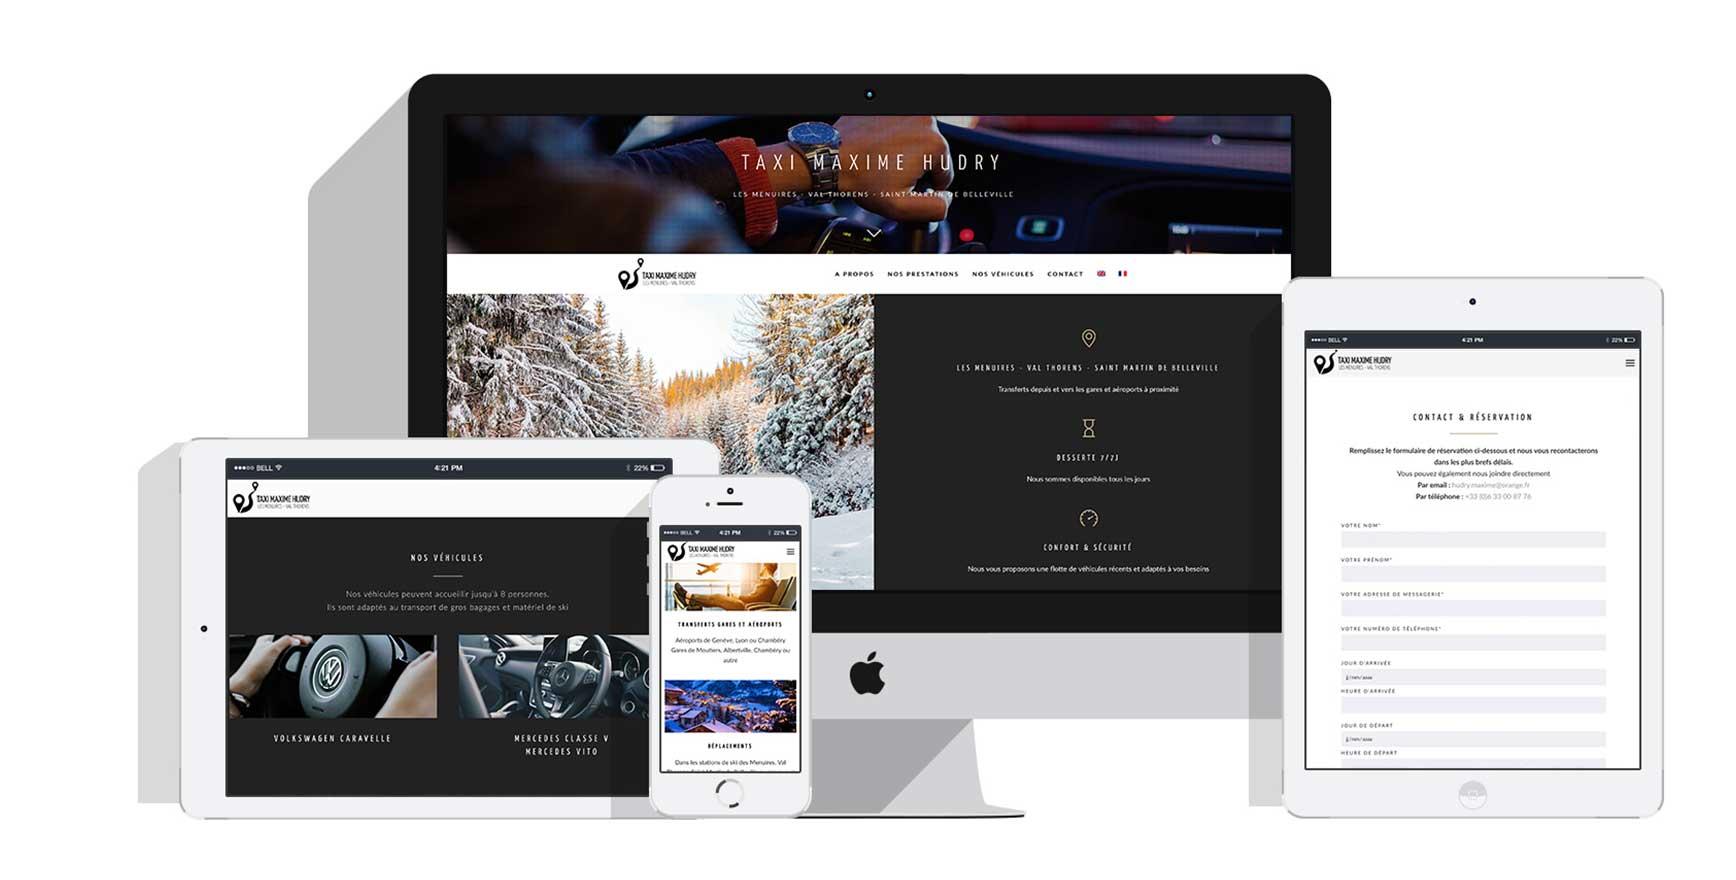 portfolio-taxi-maxime-hudry-1-florence-lau-la-ligne-graphique-graphiste-site-internet-infographie-webdesign-savoie-tarentaise-meribel-menuires-courchevel